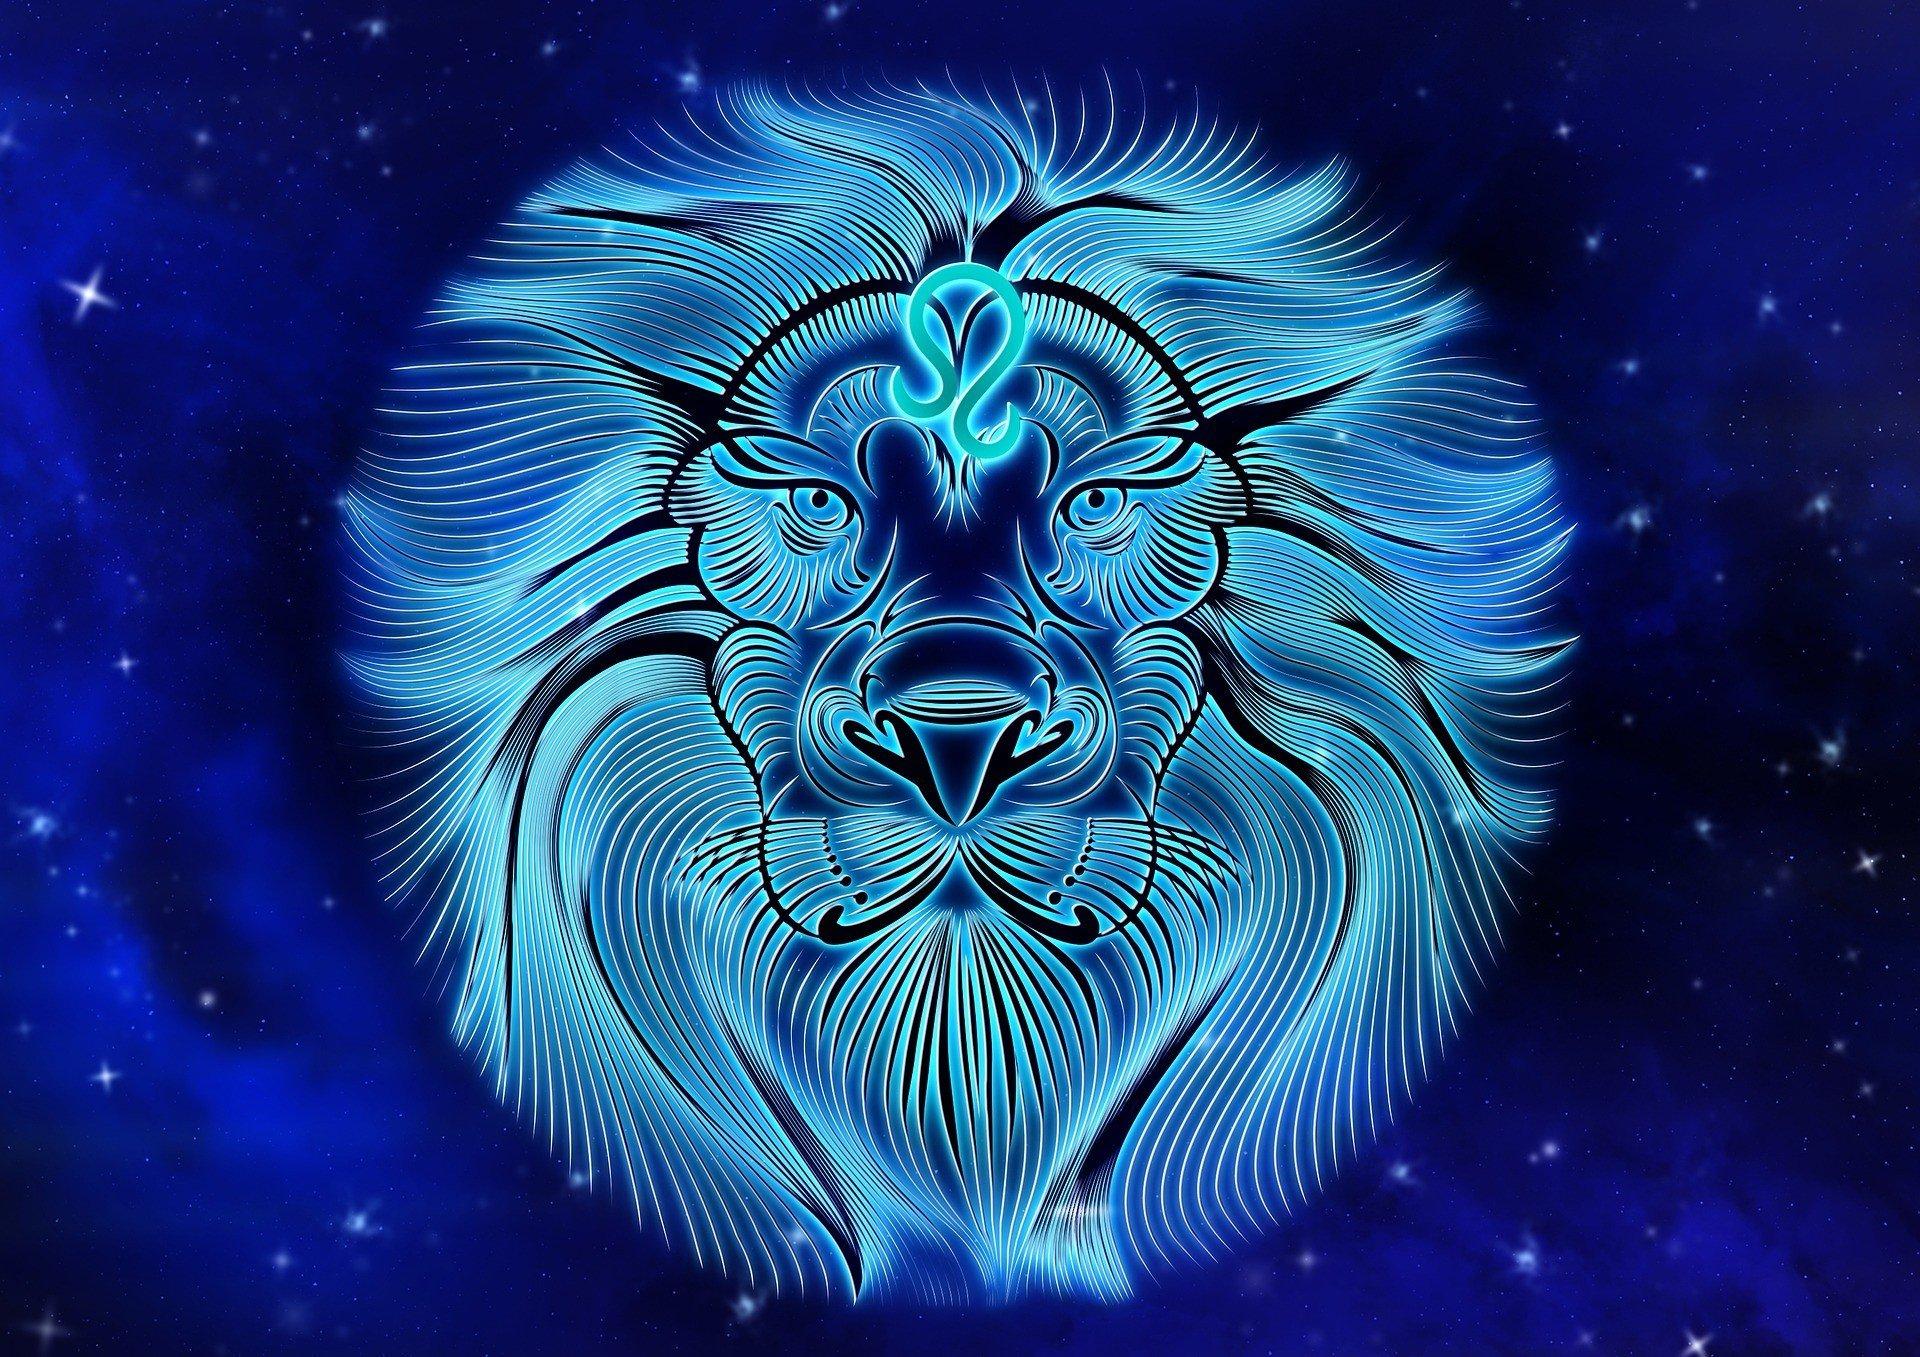 Гороскоп на сегодня 23 ноября: у Львов будет игривое настроение